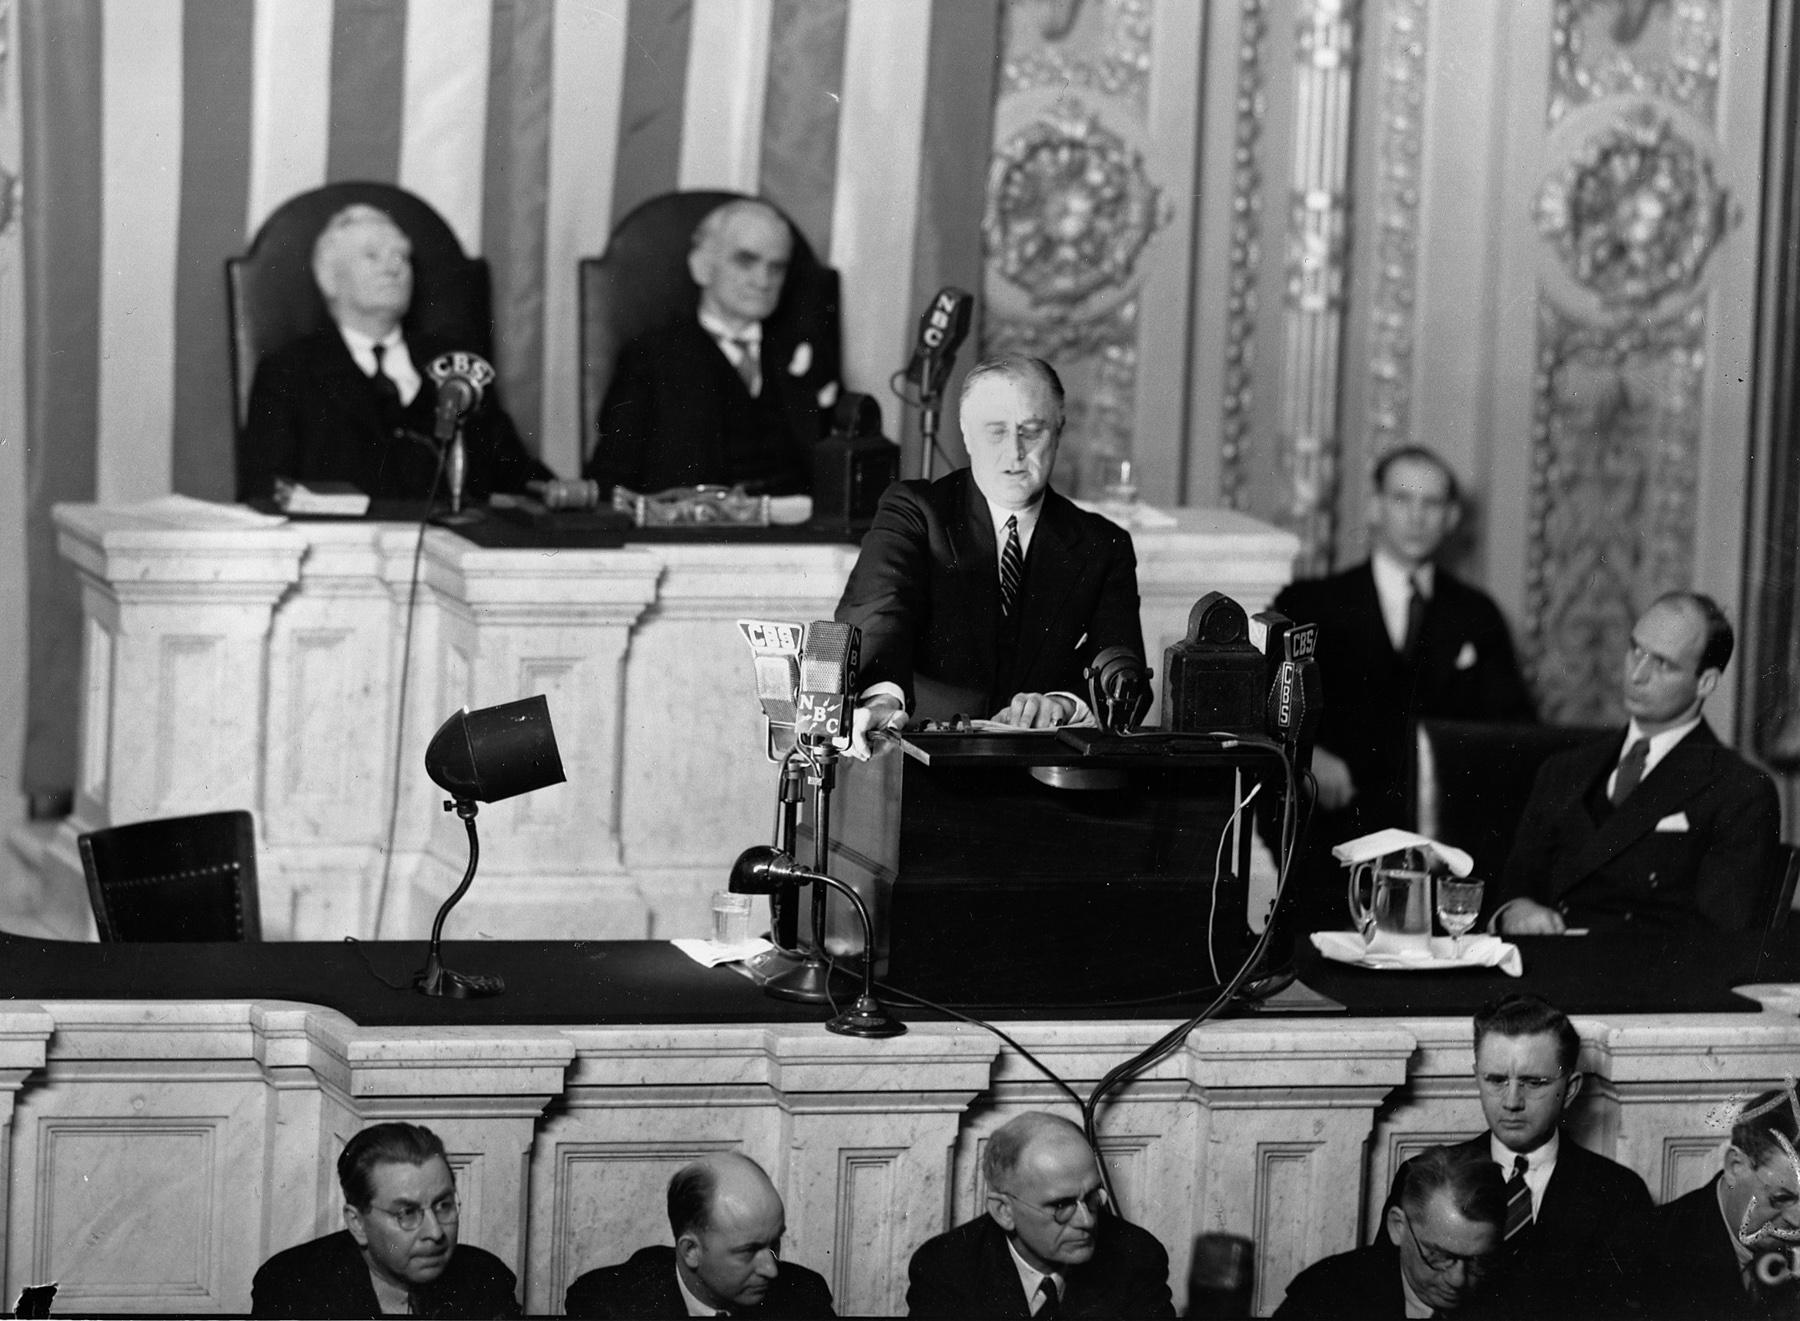 پرزیدنت فرانکلین دی روزولت هنگام قرائت سخنرانی سالانه خود در برابر کنگره ایالات متحده (عکس از آسوشیتدپرس)